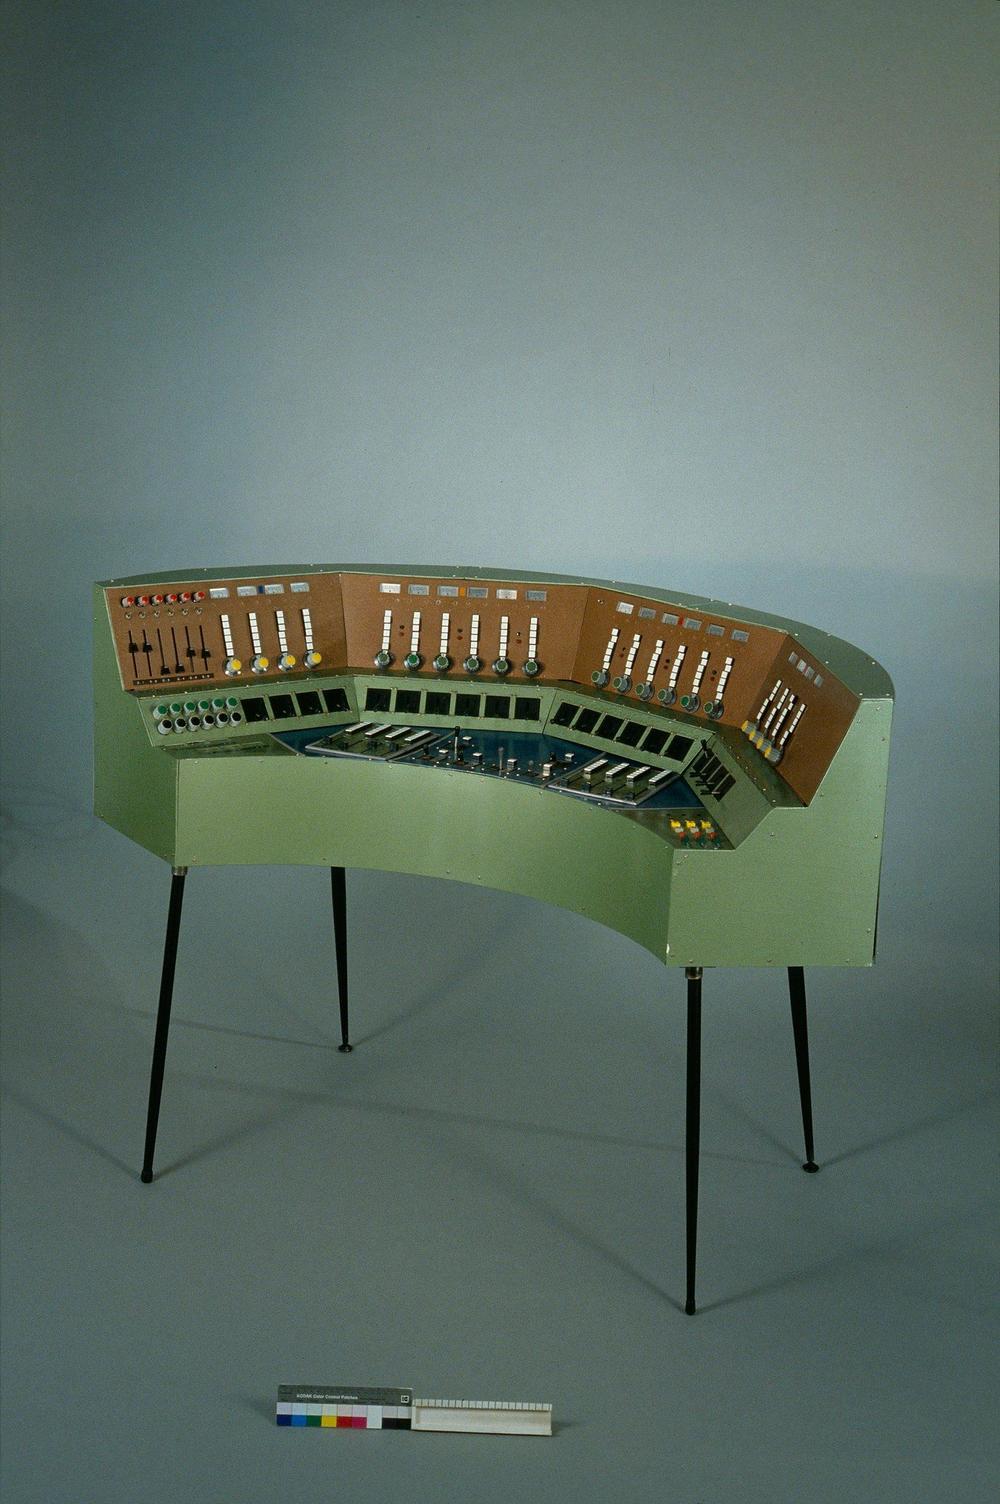 Gmebaphone 2, Christian Clozier, 1975,Musée de la musique